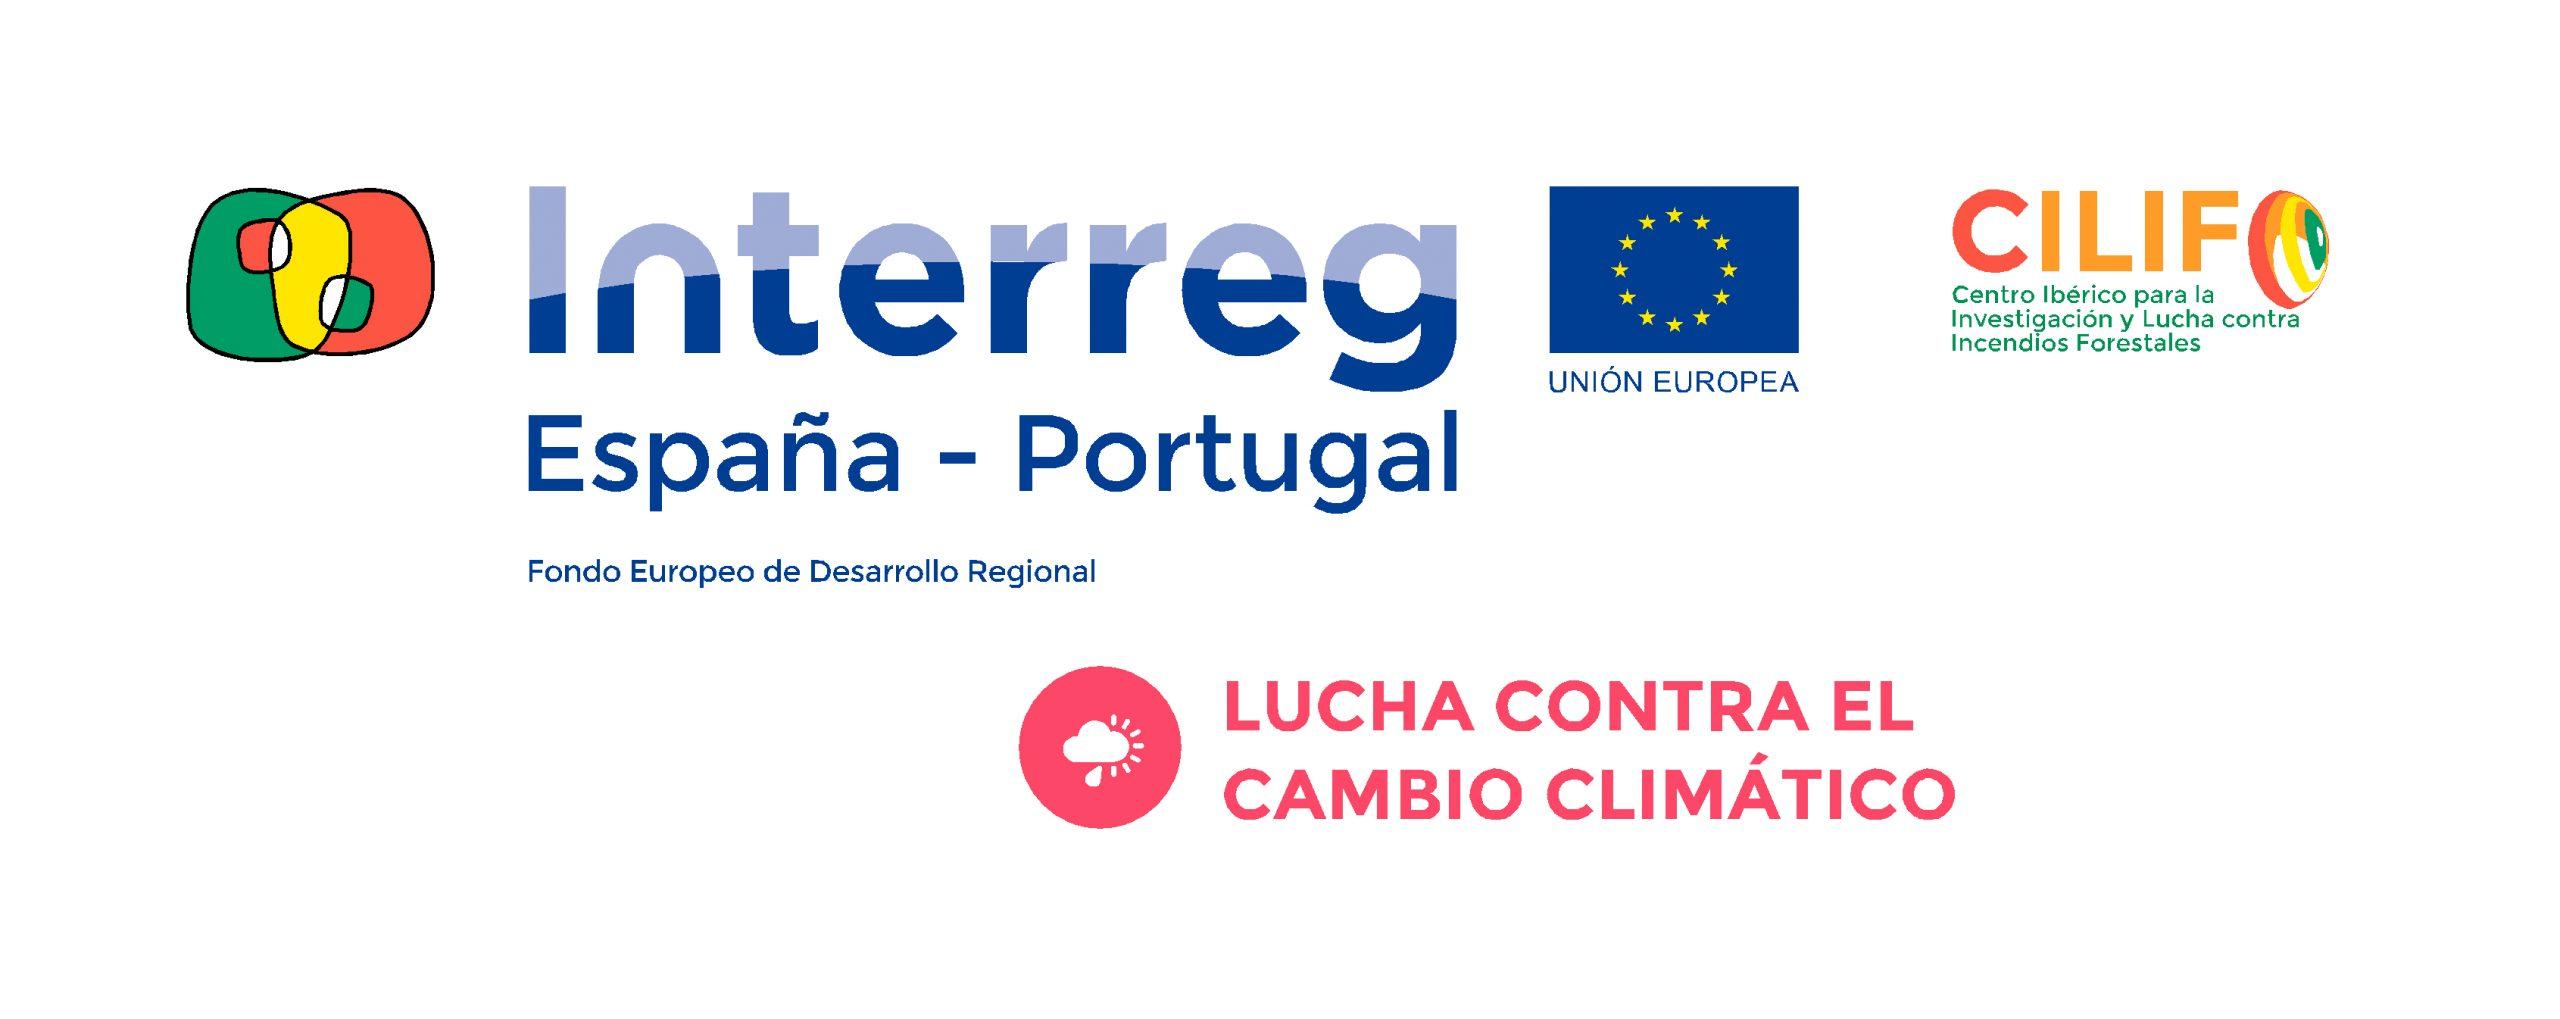 CILIFO se alinea con el Plan de Acción por el Clima marcará la planificación andaluza contra el cambio climático